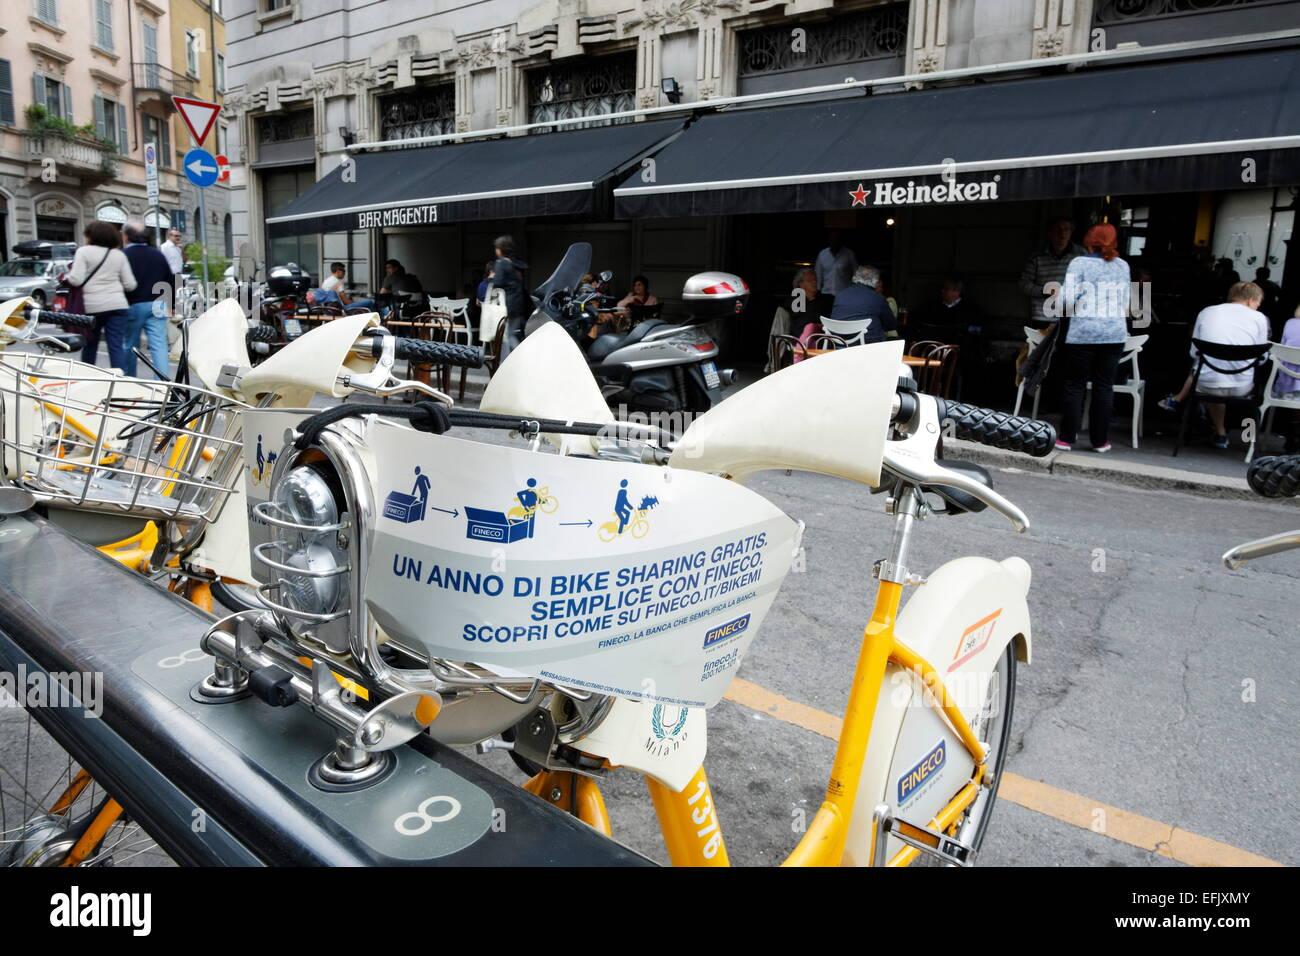 Biciclette a disposizione per il noleggio, Milano, Lombardia, Italia Immagini Stock